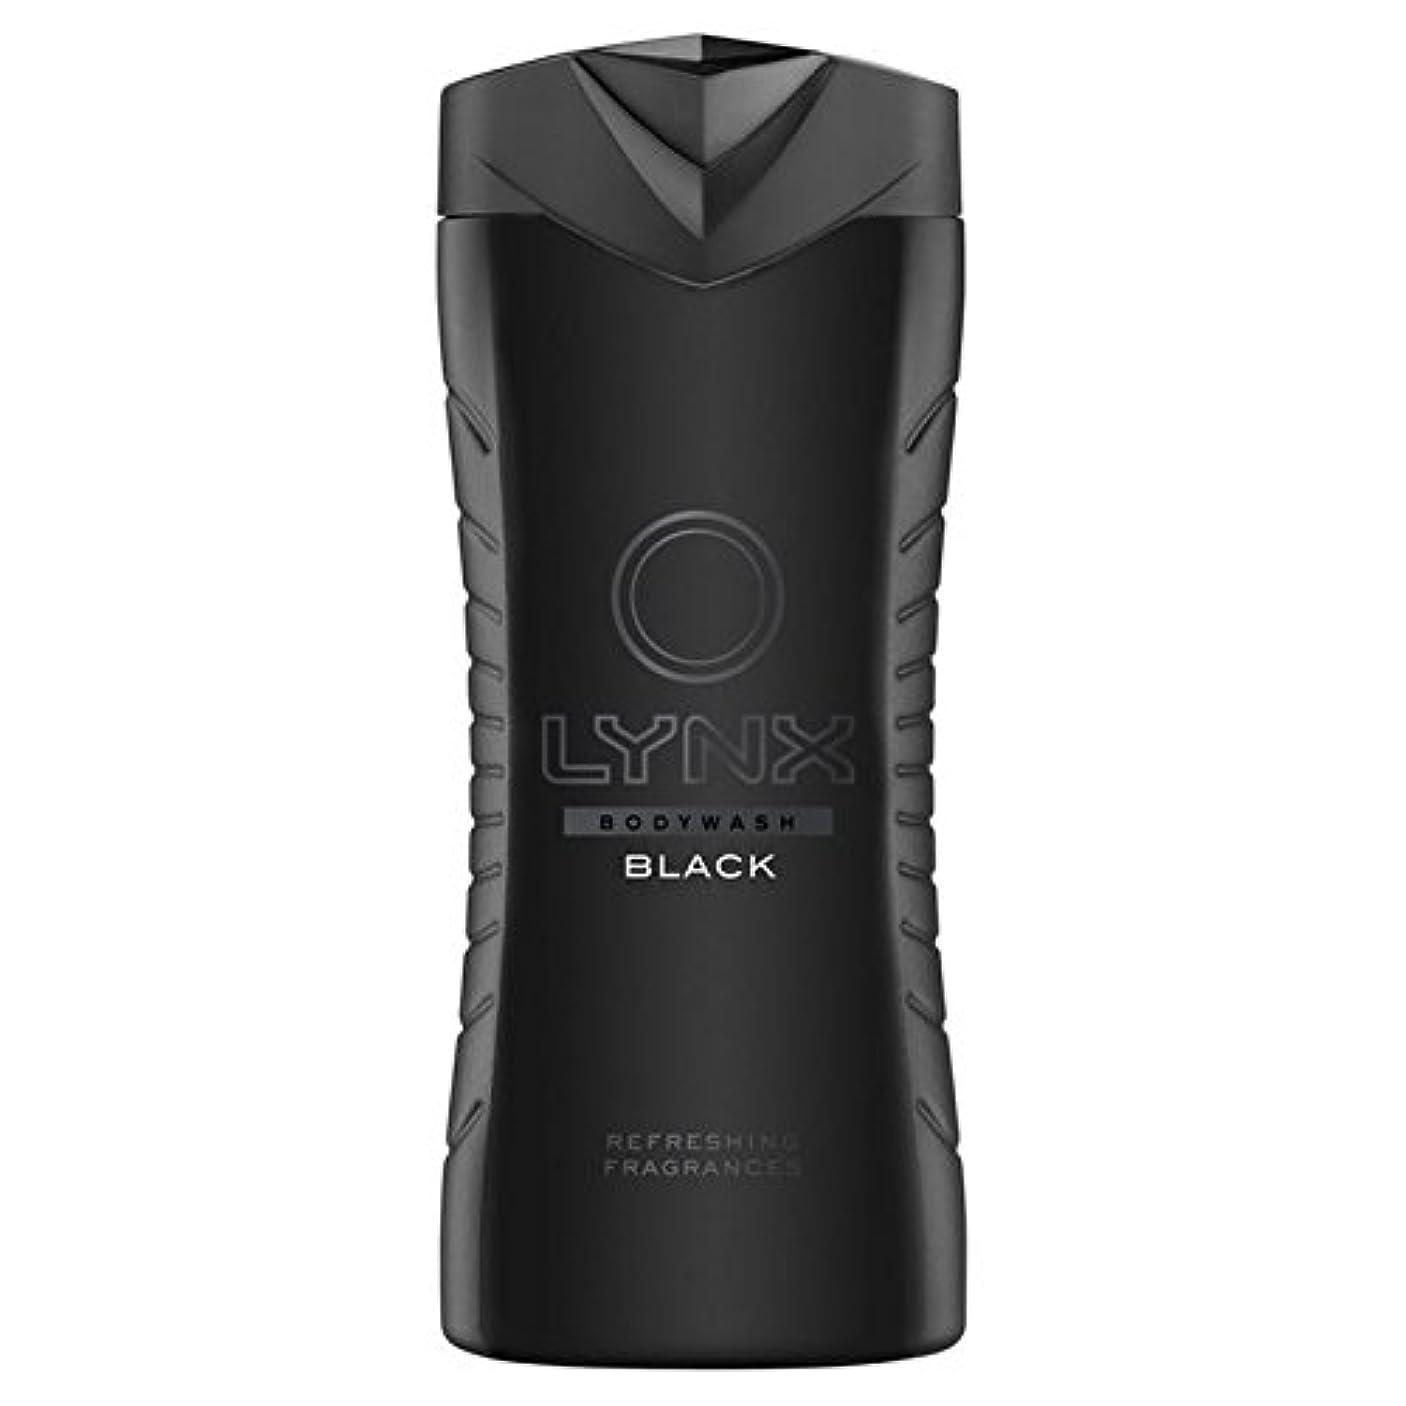 洗練された言う申請者オオヤマネコブラックシャワージェル400ミリリットル x4 - Lynx Black Shower Gel 400ml (Pack of 4) [並行輸入品]